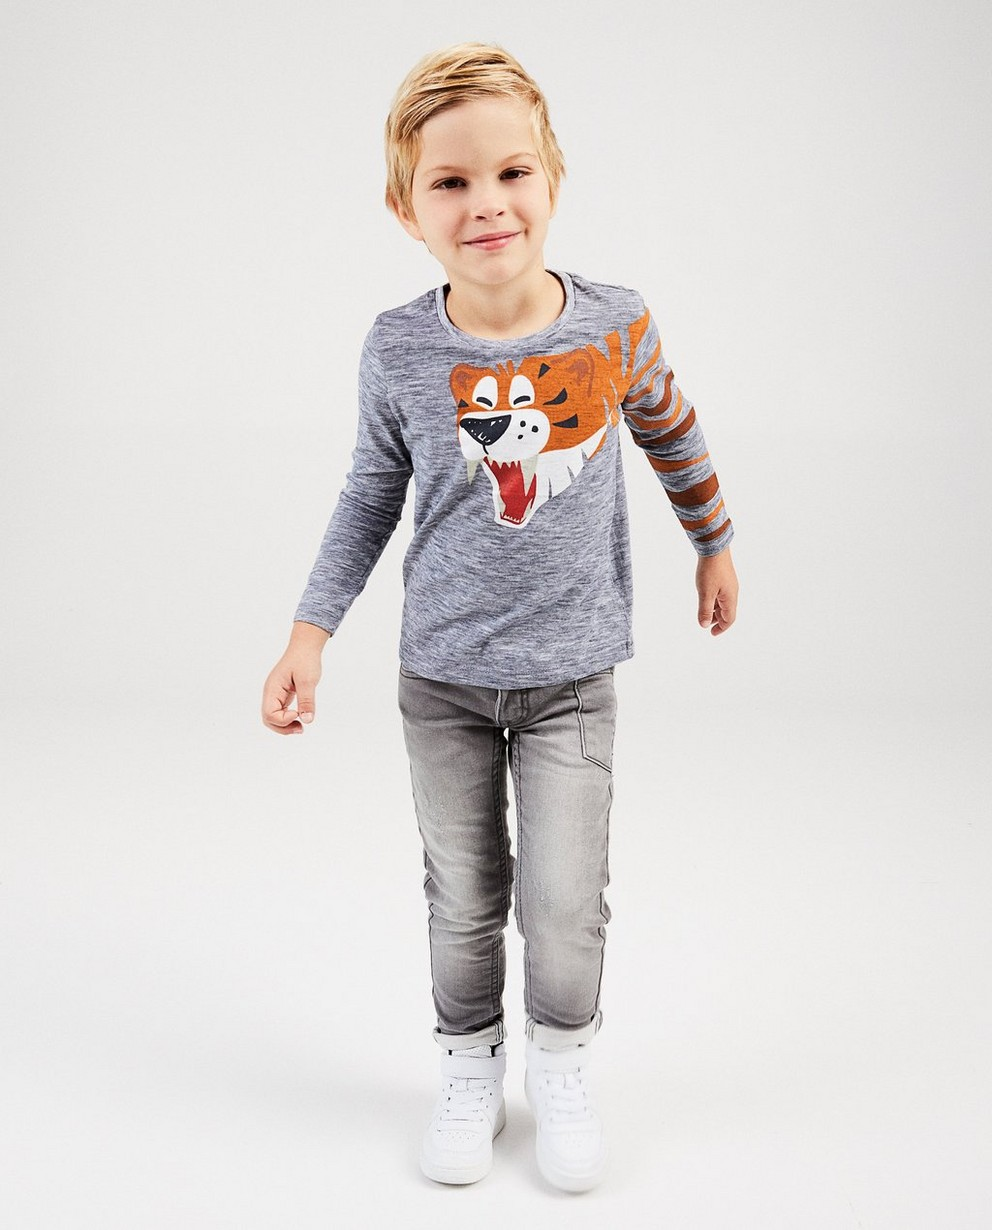 Grijze T-shirt met tijger - strepen - kidz